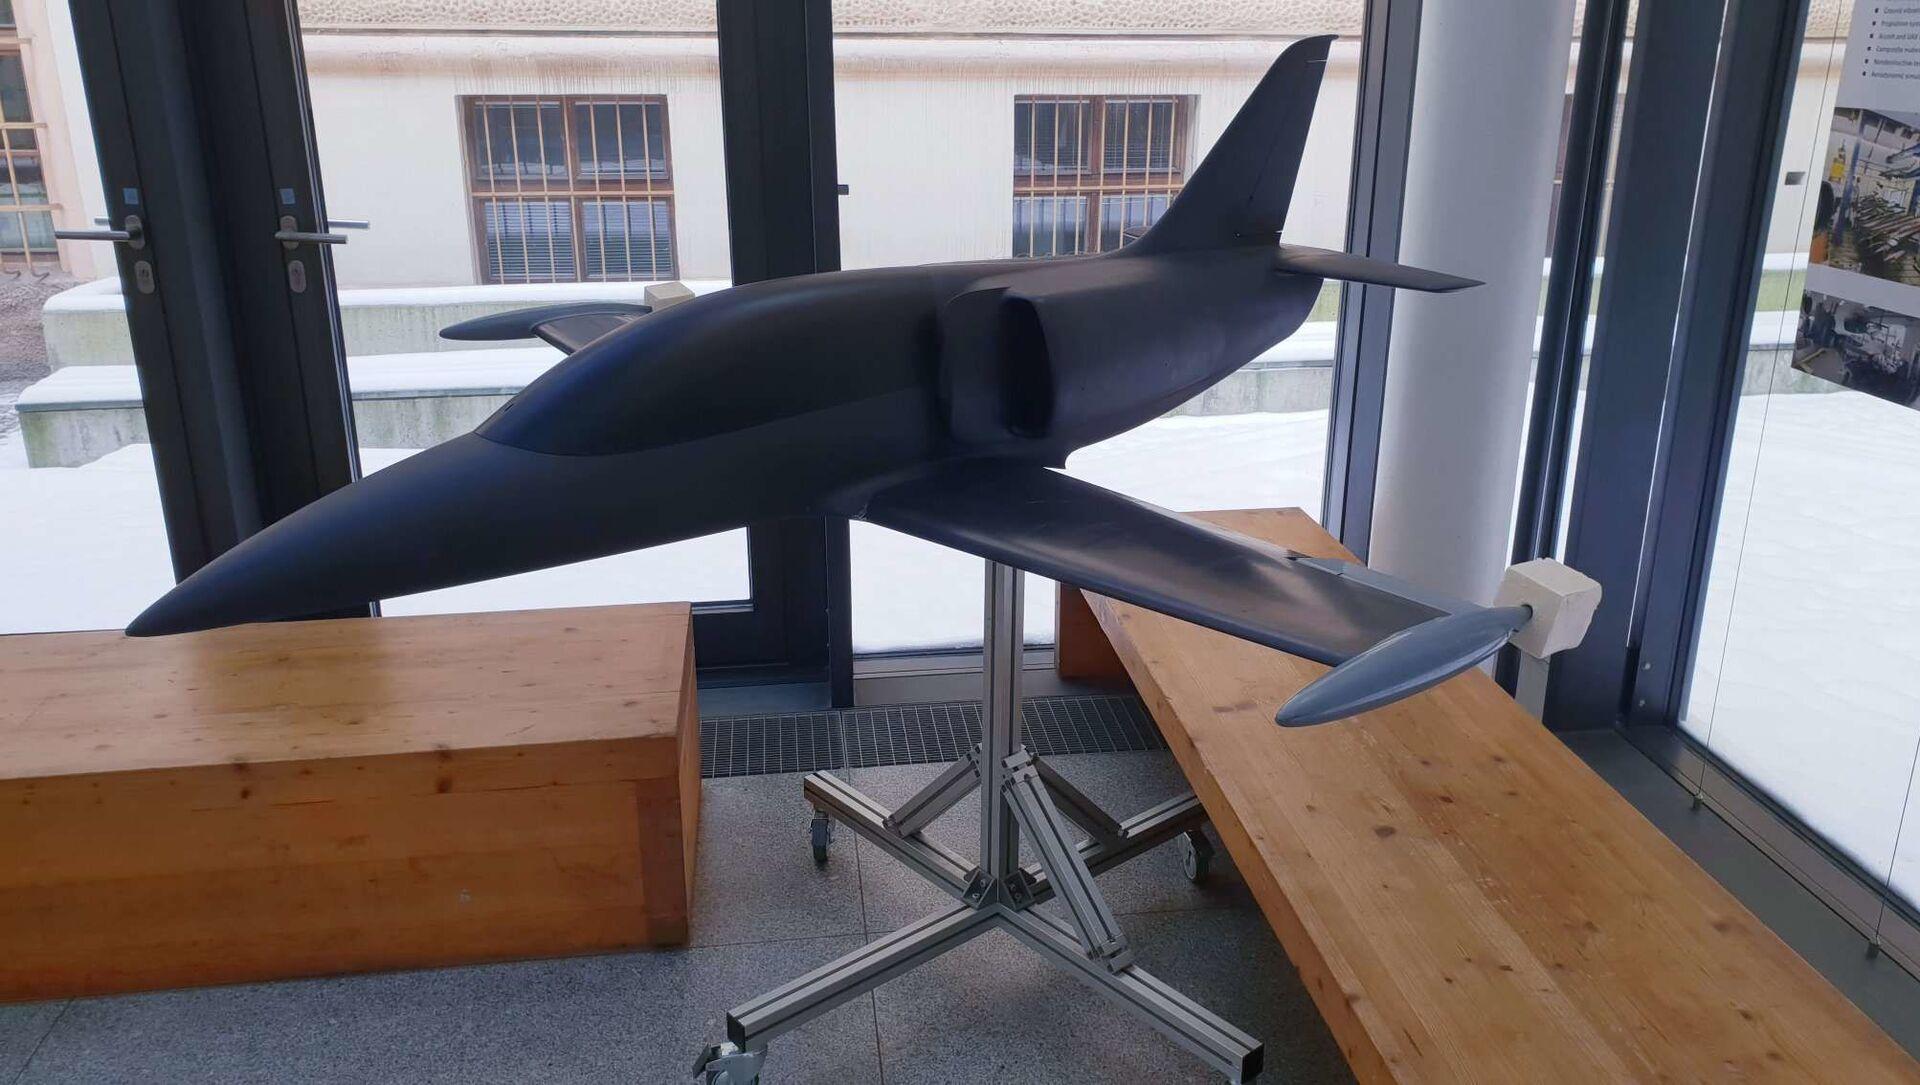 L-39 má i podobu ultralightu, který je vyvíjen na ČVUT v Praze. L-39 NG z AeroVodochody má menšího bratříčka.... - Sputnik Česká republika, 1920, 20.04.2021